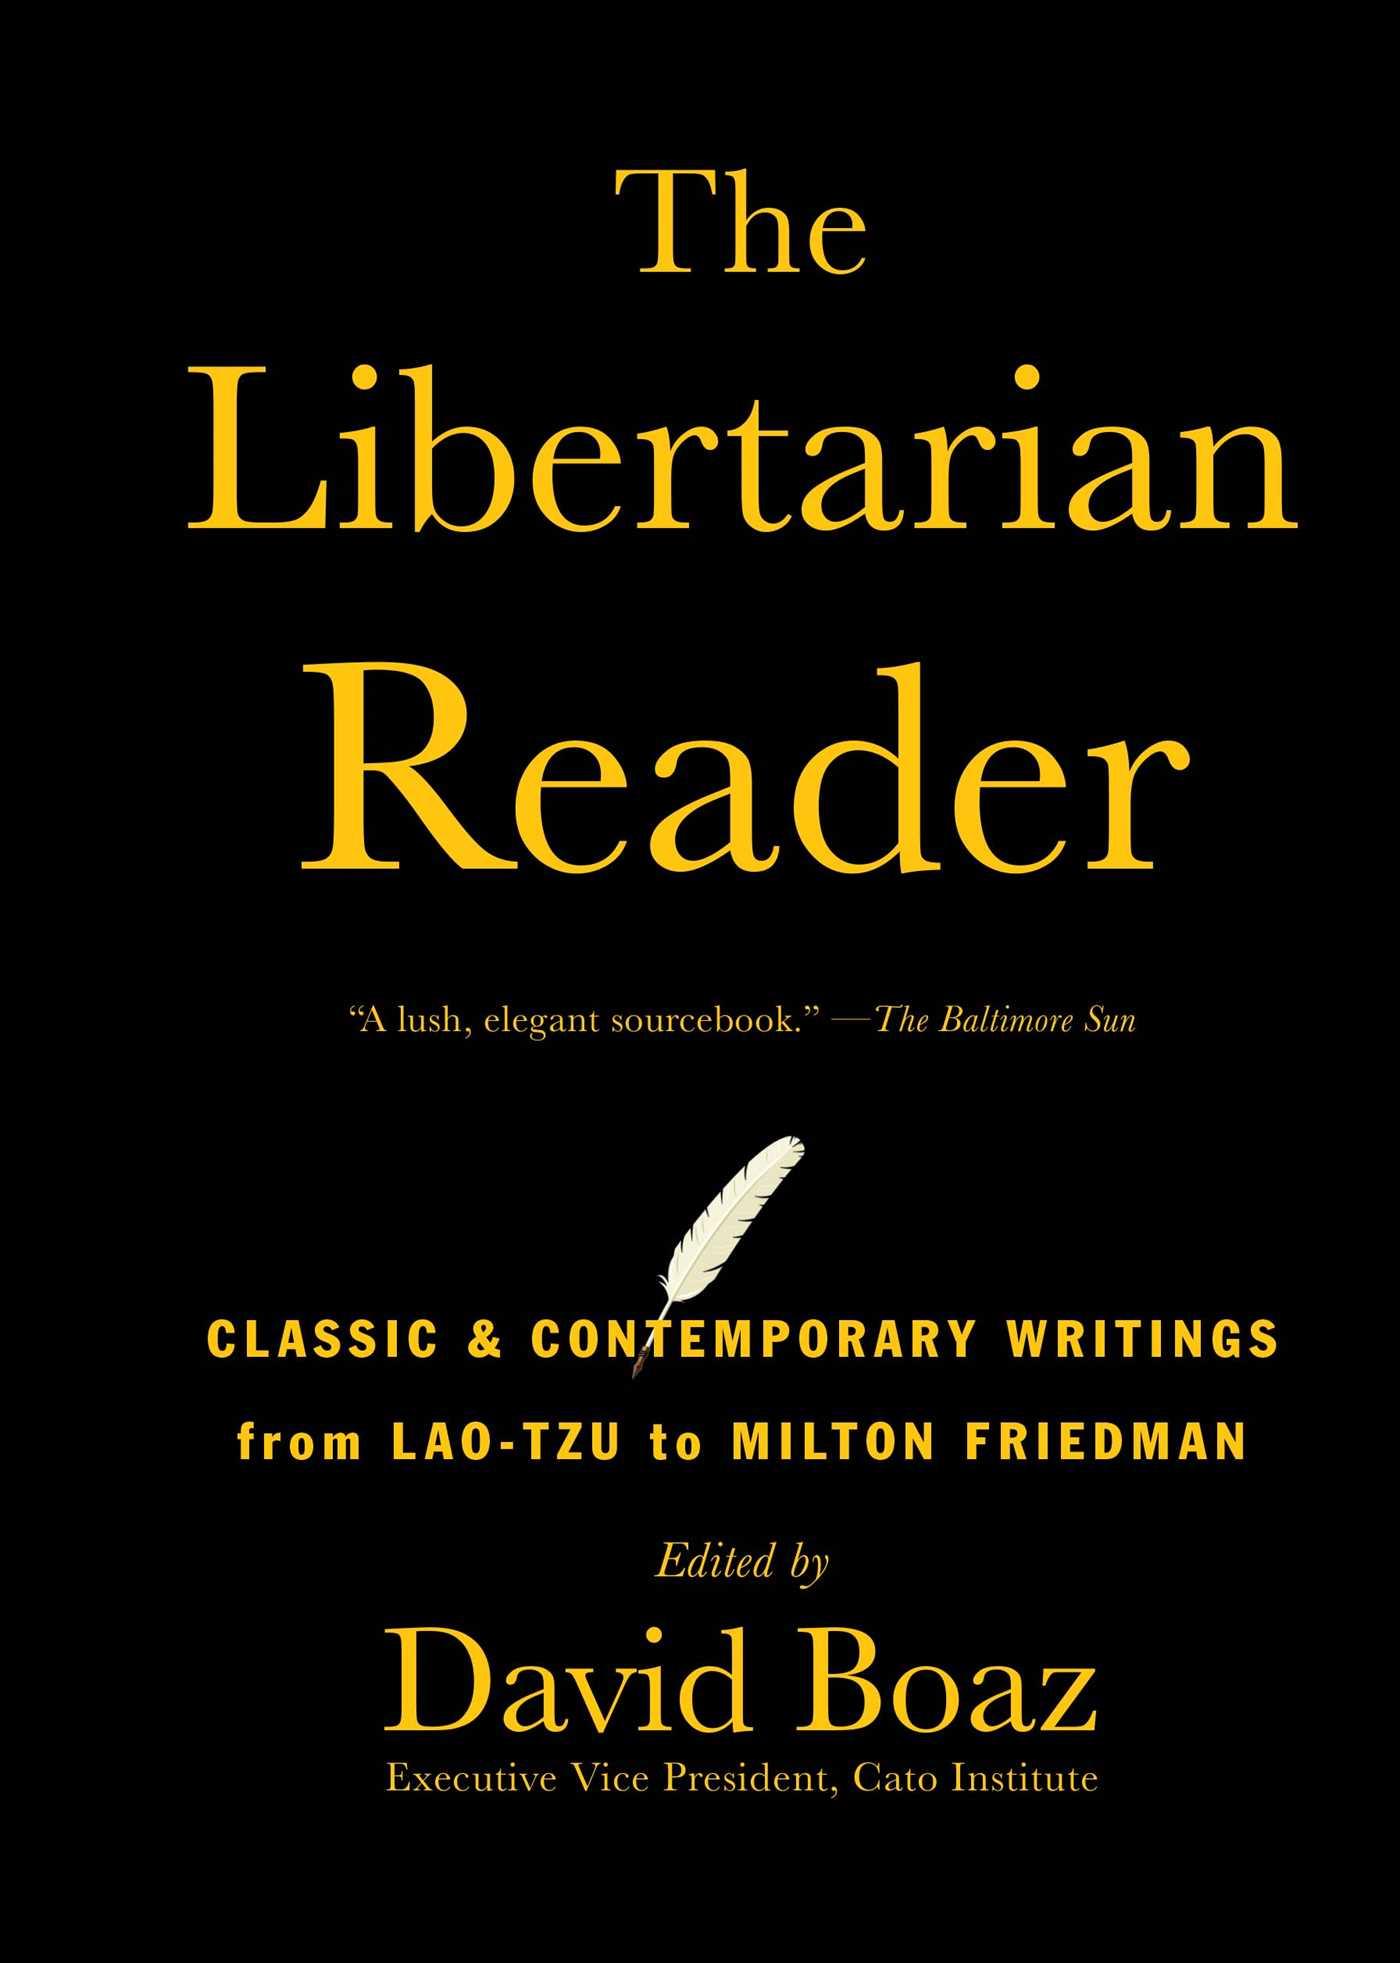 The libertarian reader 9781476752891 hr